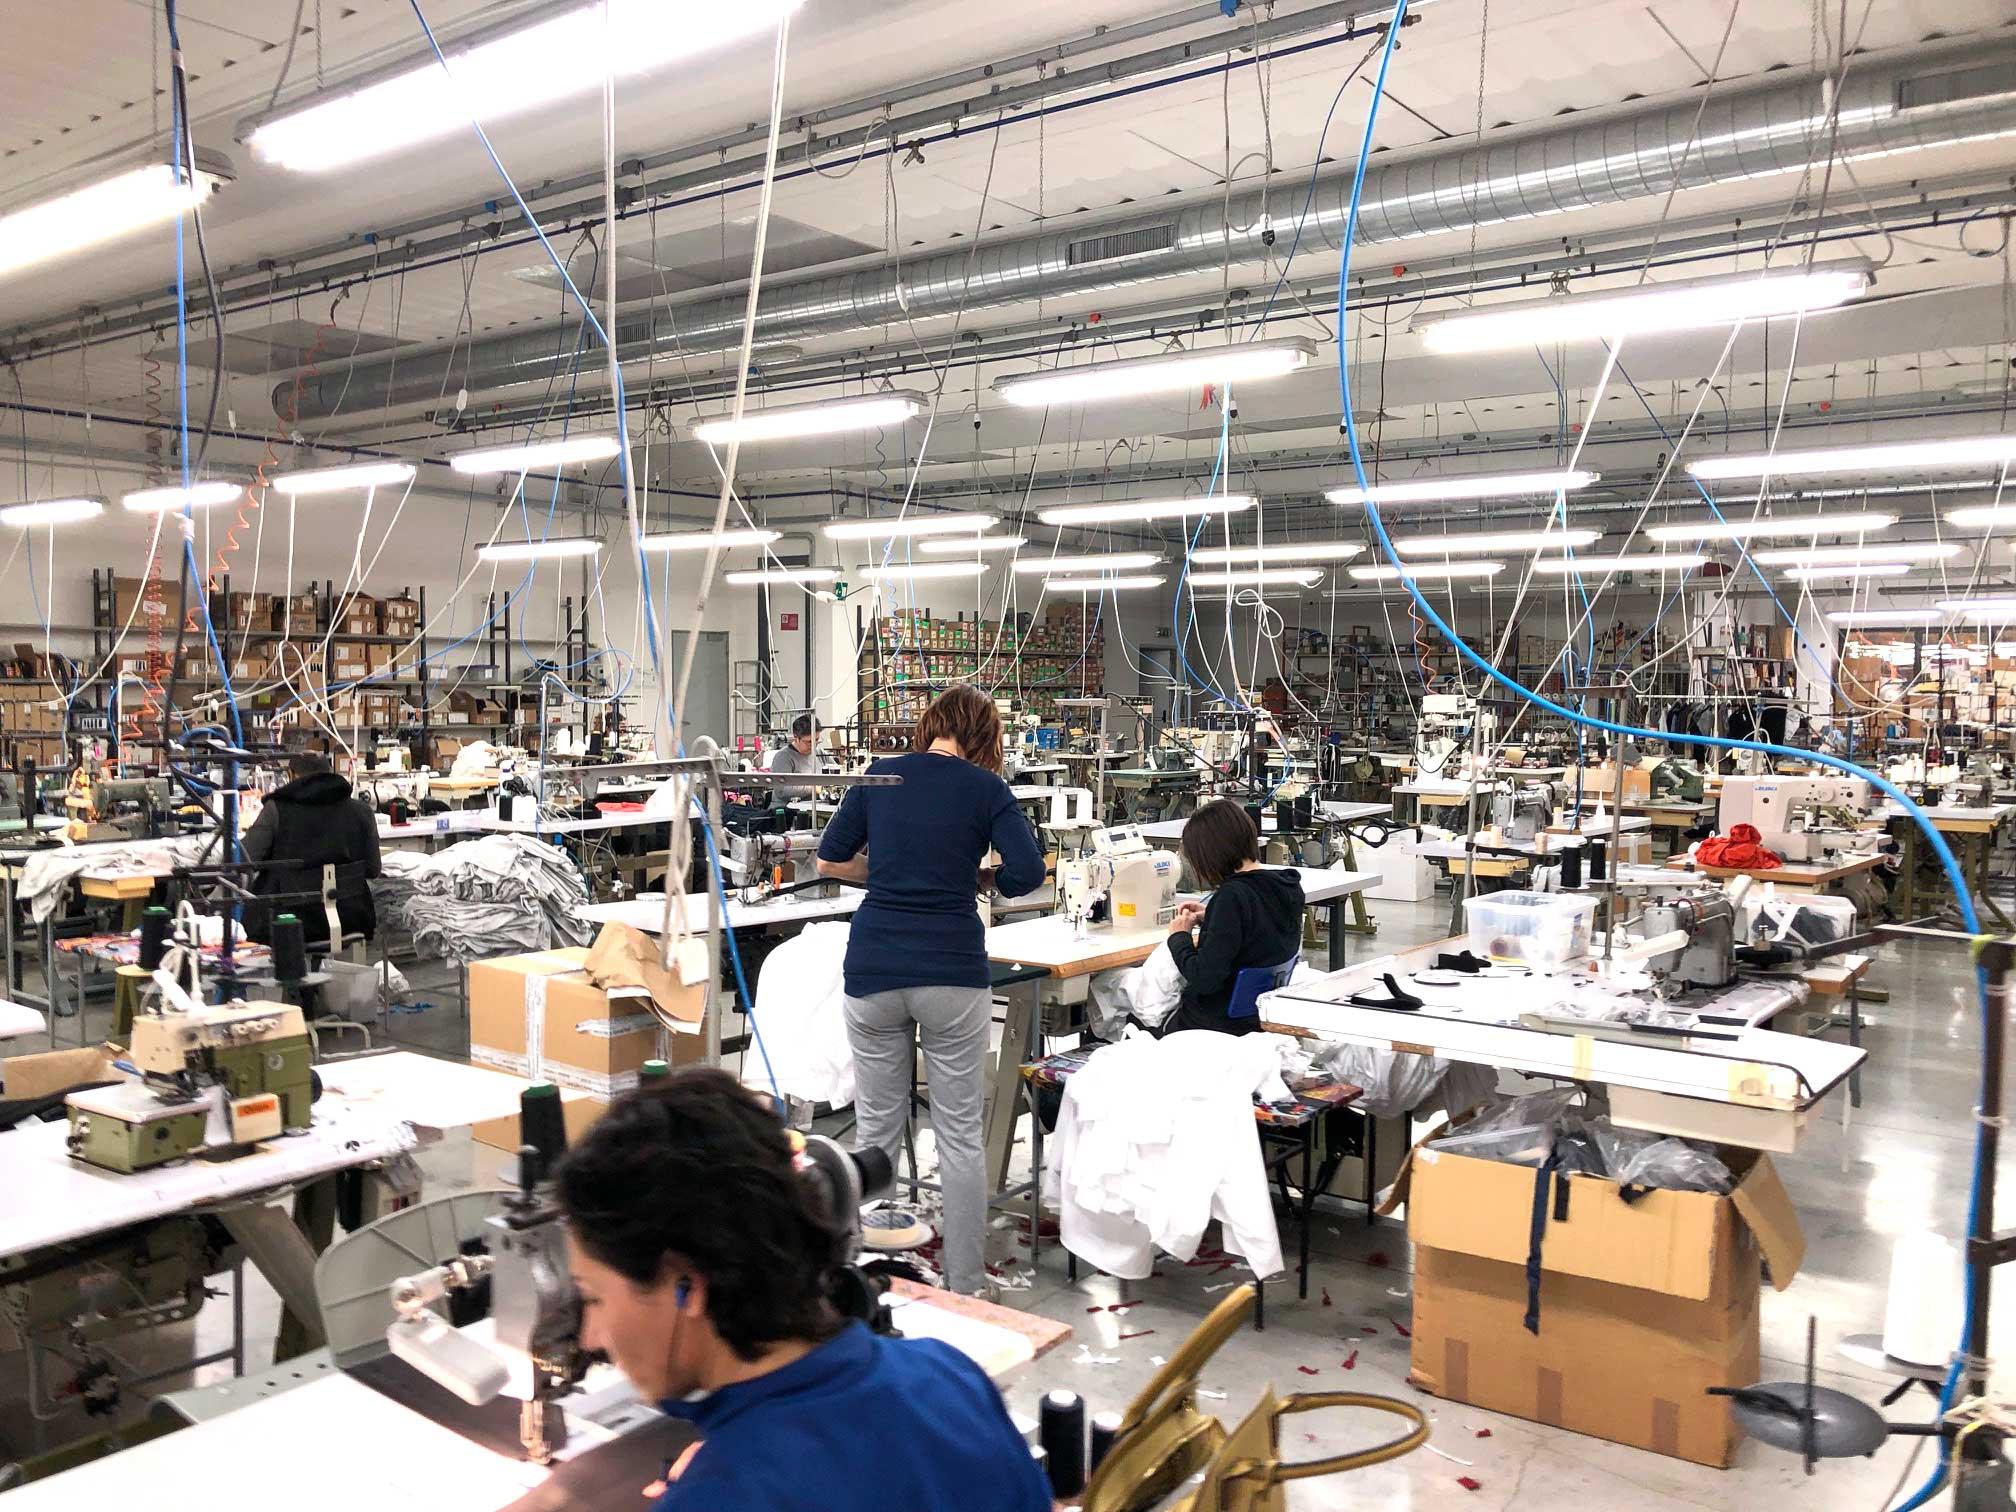 Lavorazione di capi in jersey a Porto Recanati